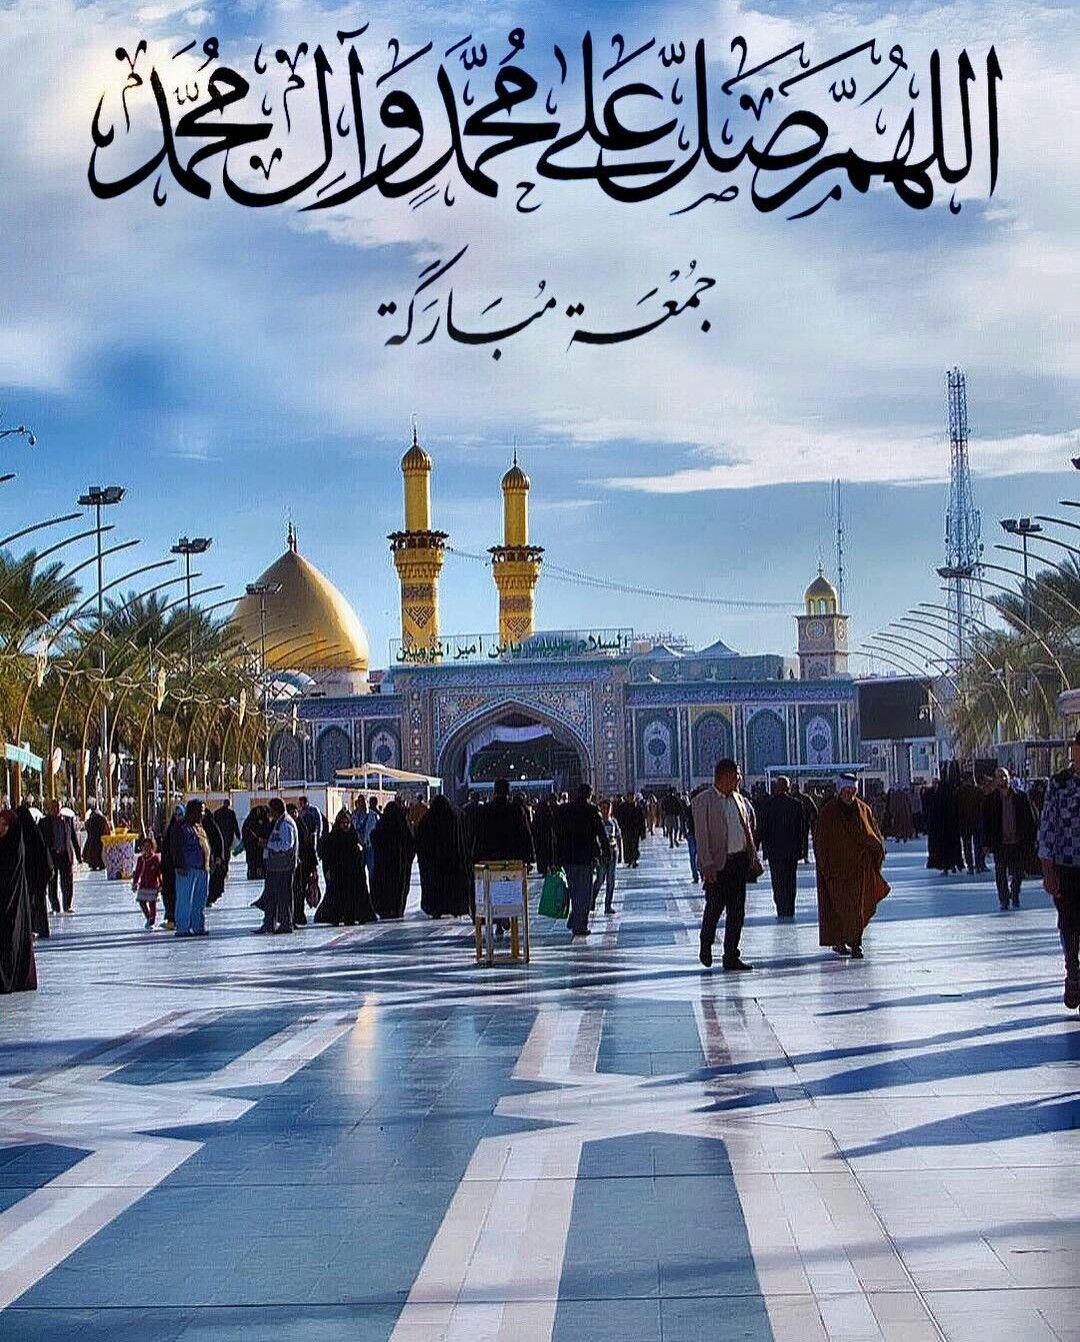 اللهم صل على محمد وال محمد Jumma Mubarak Quotes Juma Mubarak Jumah Mubarak